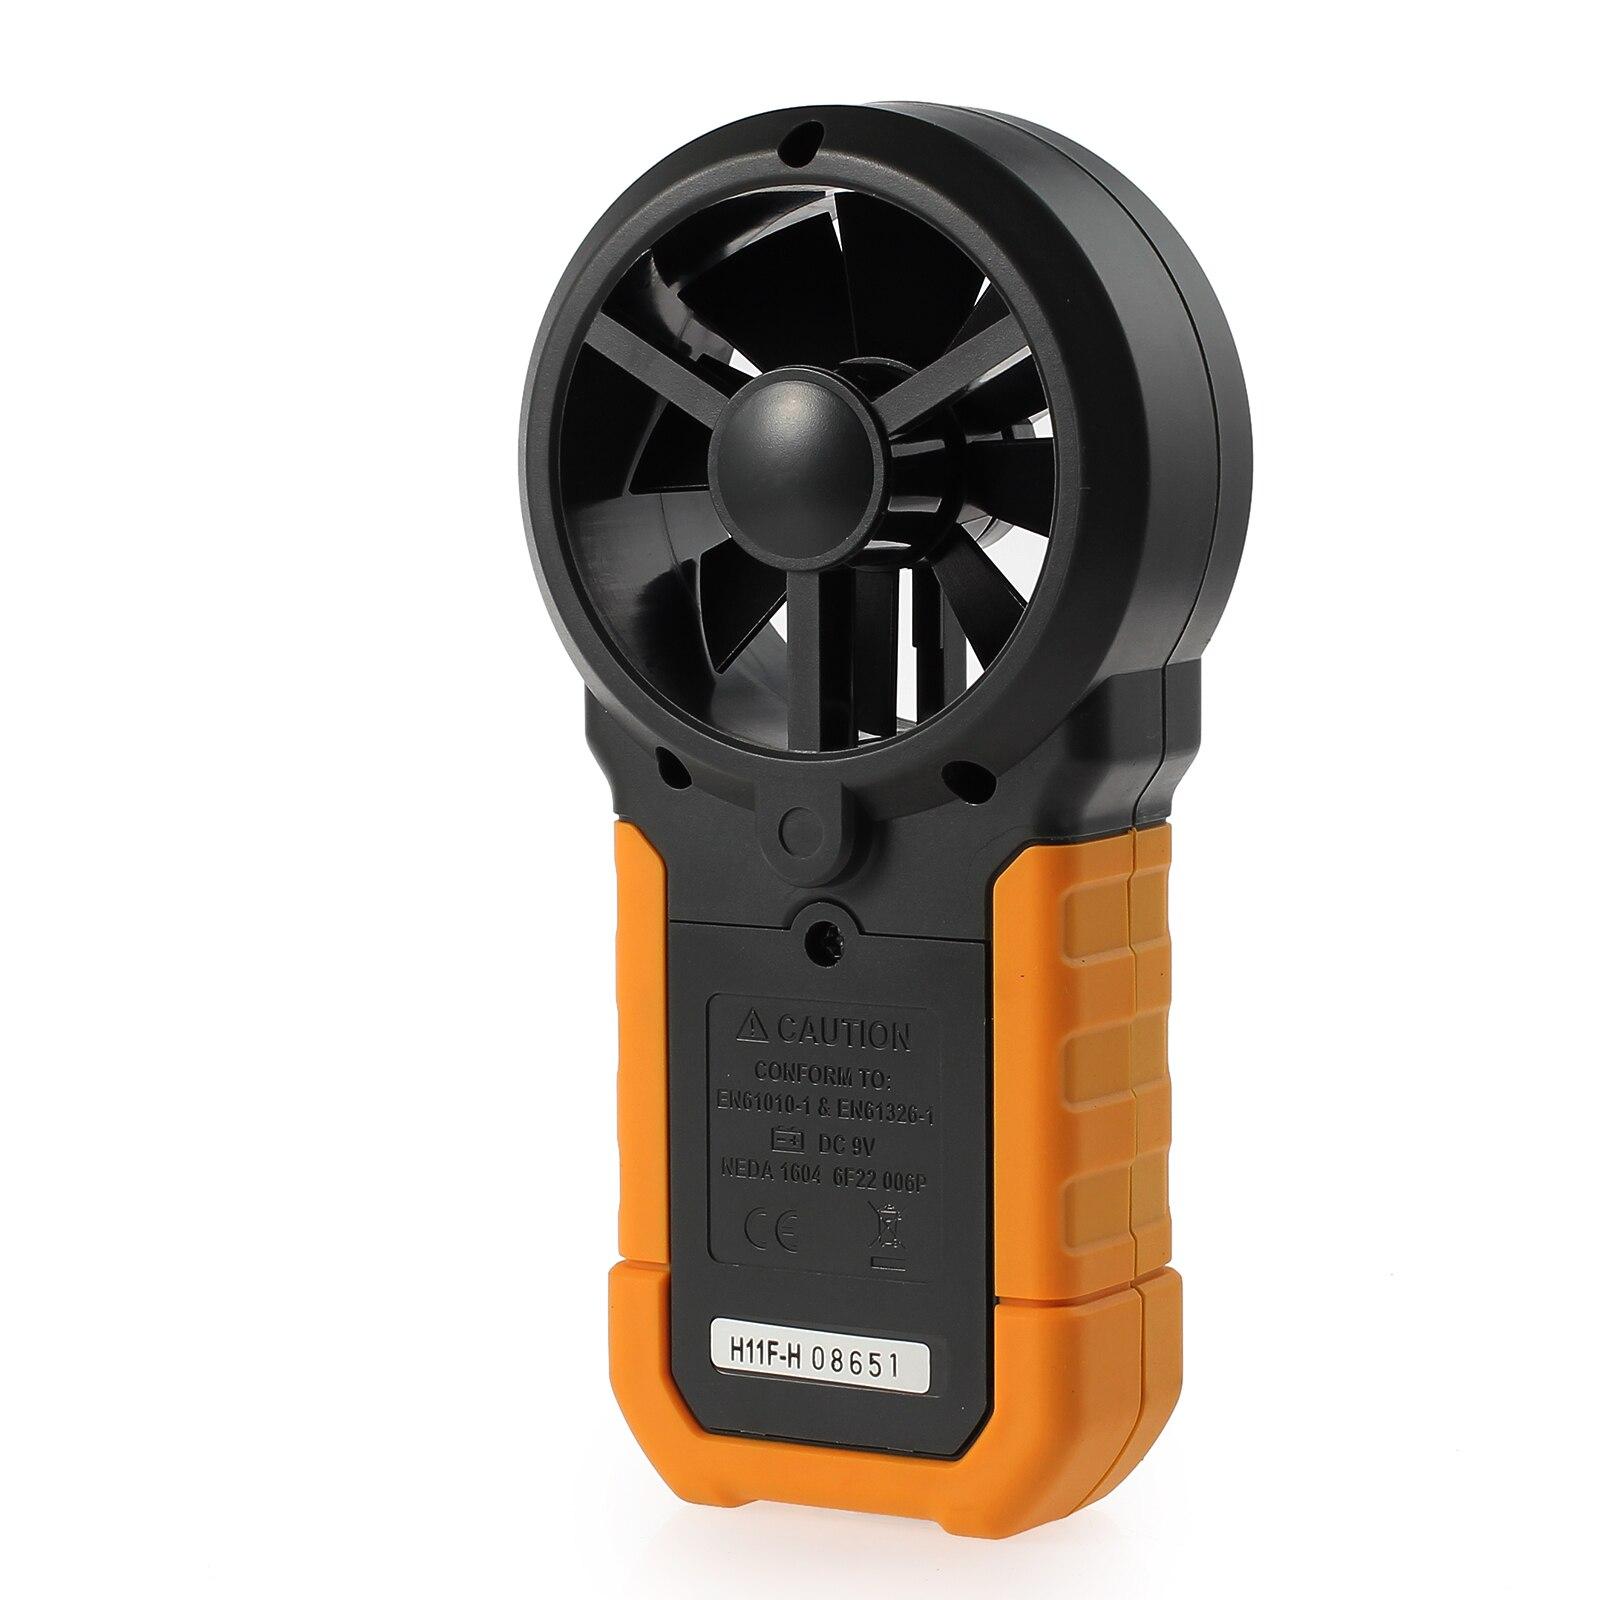 Appareil de contrôle numérique de compteur de vitesse de vent d'anémomètre de Neoteck avec l'affichage de contre-jour d'affichage à cristaux liquides 6252A multifonction Anémomètre numérique Testeur - 6